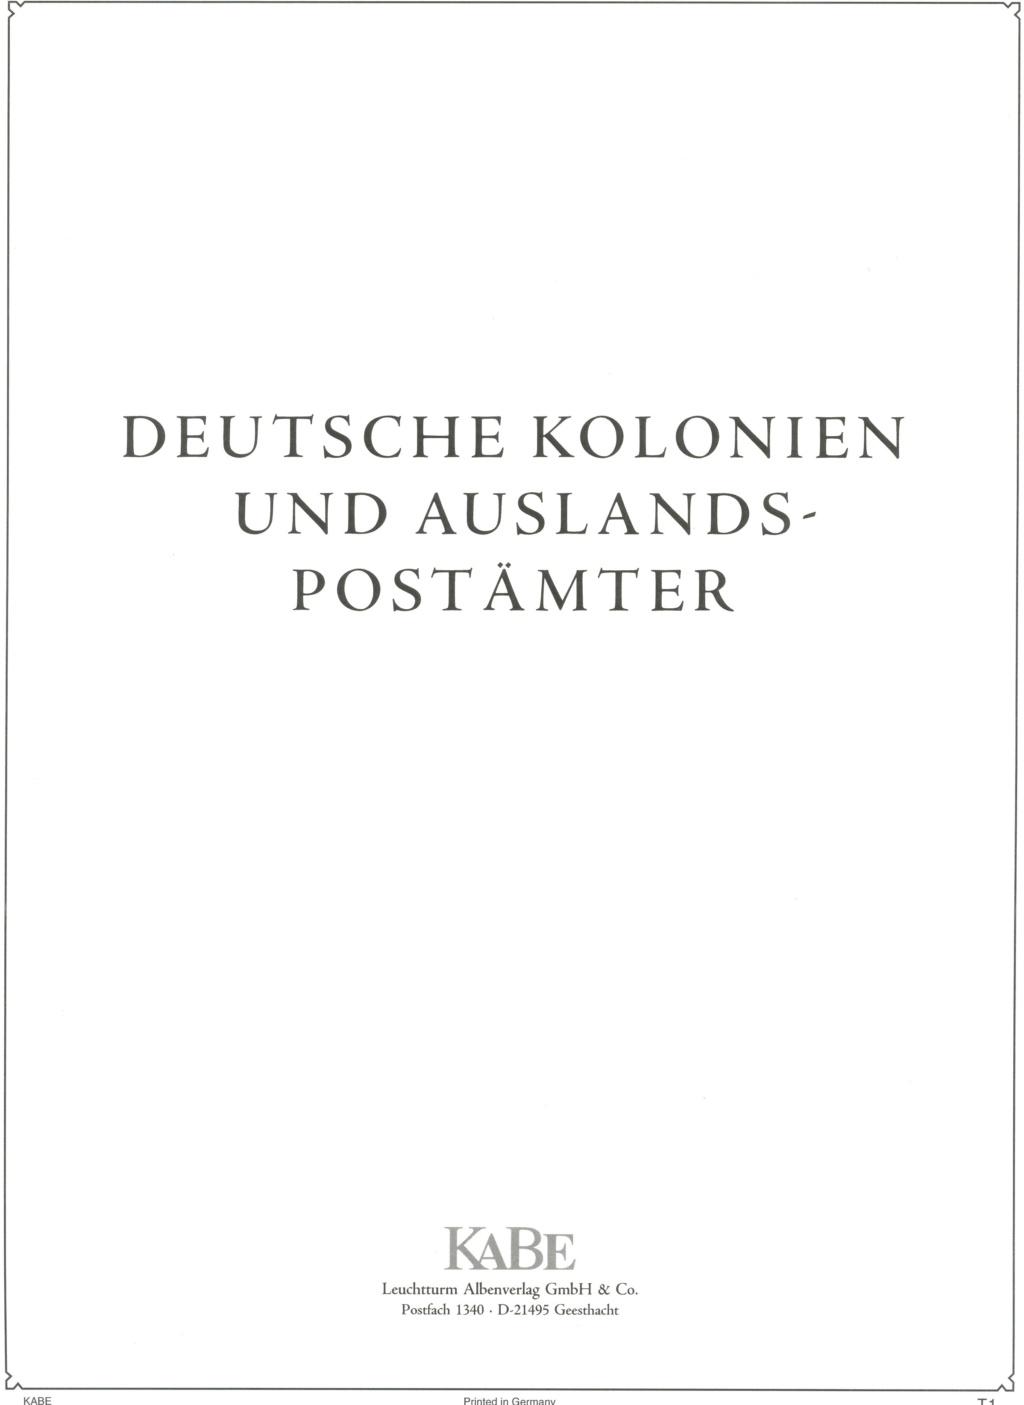 Briefmarken - Briefmarkenvordrucke Kabe_b12